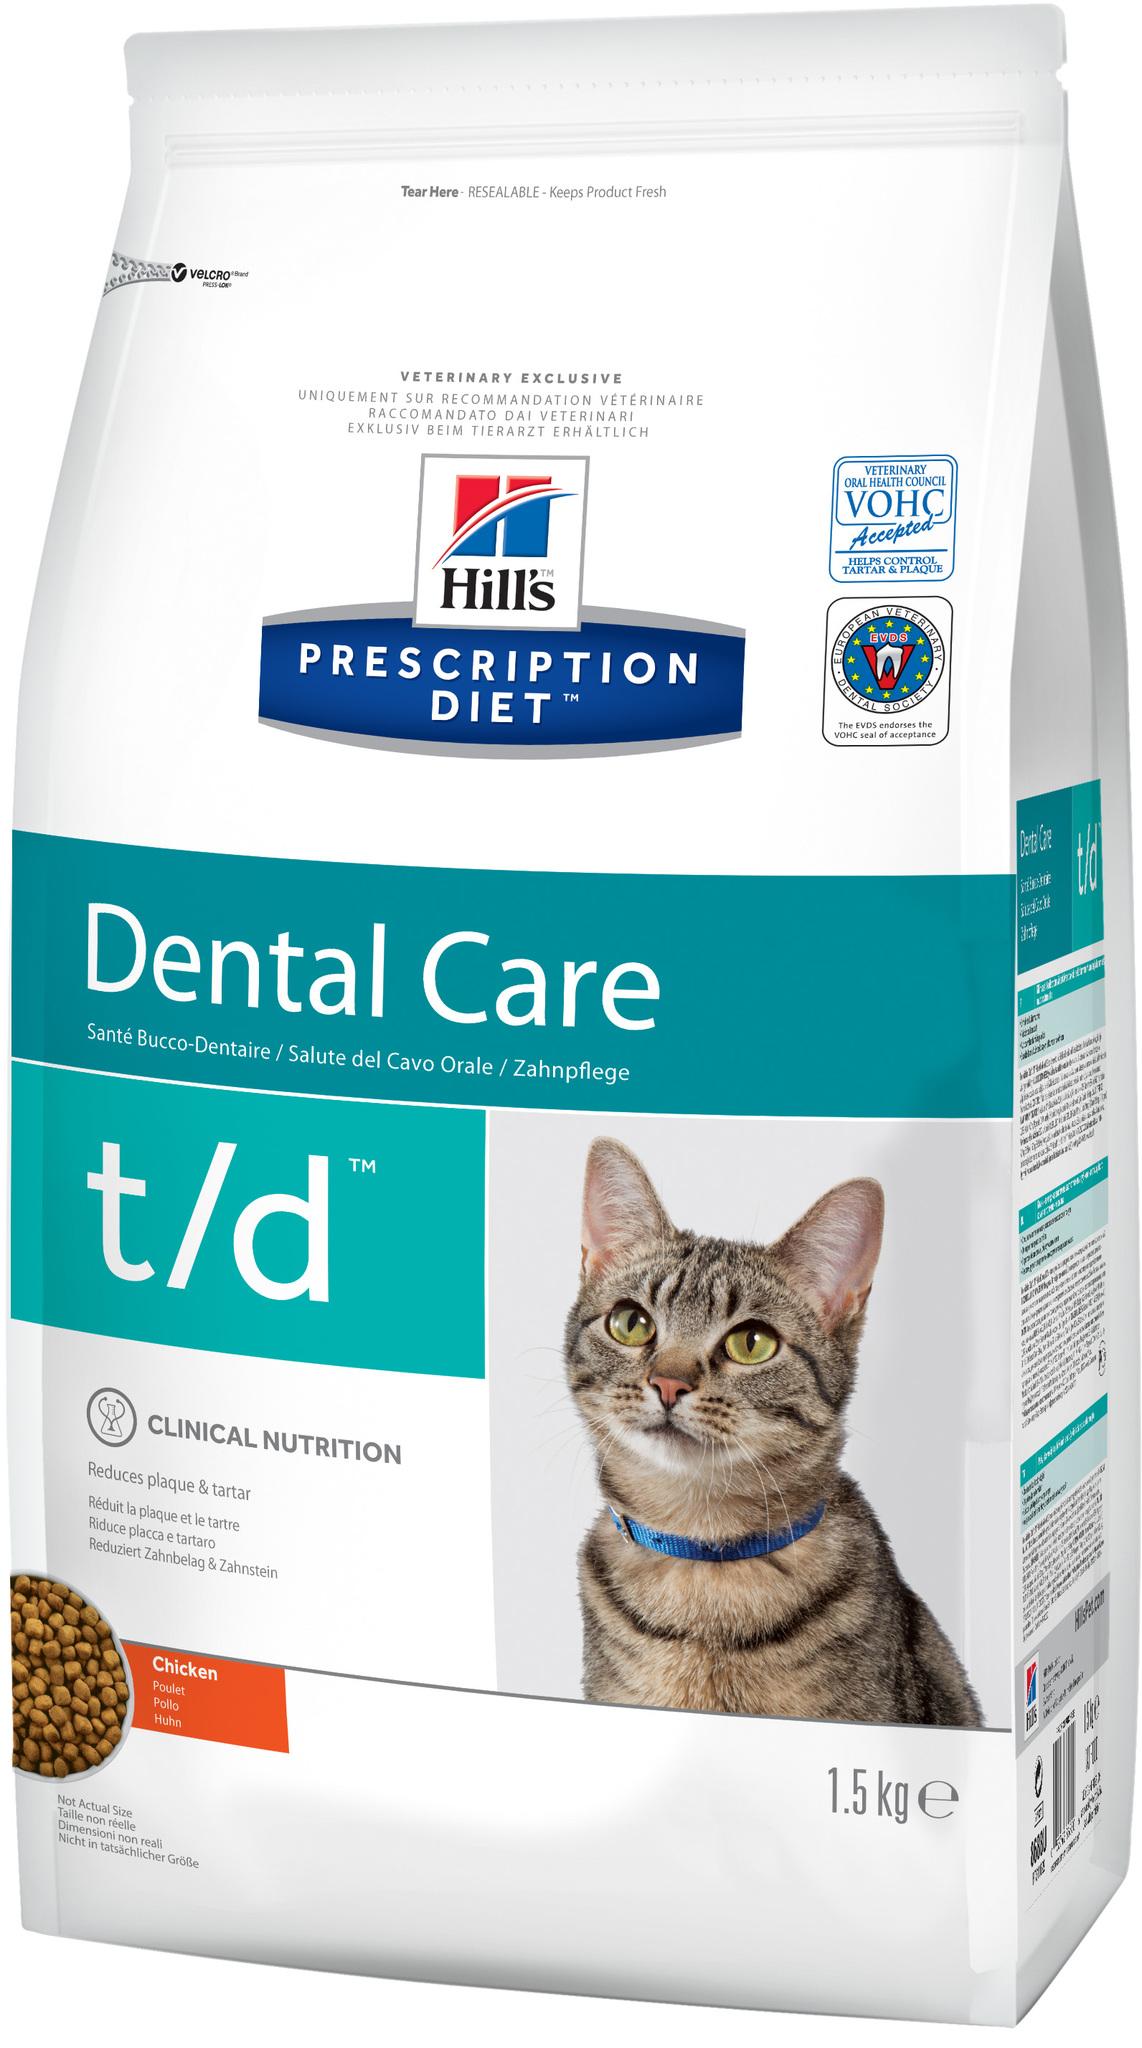 купить хиллс Hill's™ Prescription Diet™ Feline t/d Dental Care with Chicken сухой корм для взрослых кошек, диетический рацион при заболеваниях полости рта состав